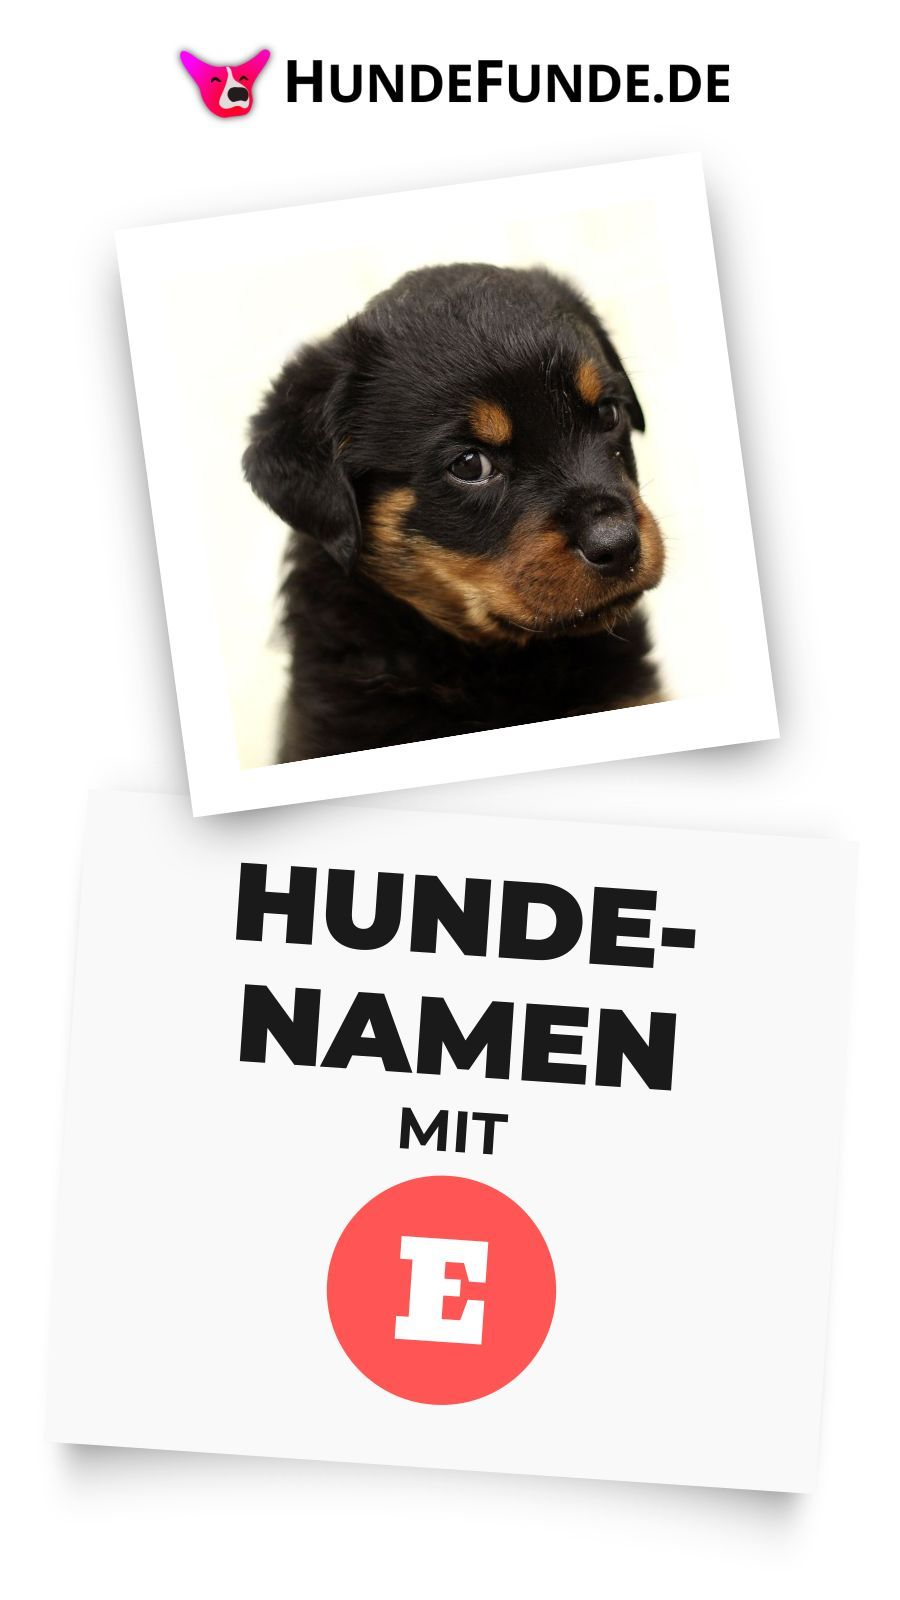 Hundenamen Mit E In 2020 Hundenamen Lustige Hundenamen Namen Fur Hunde